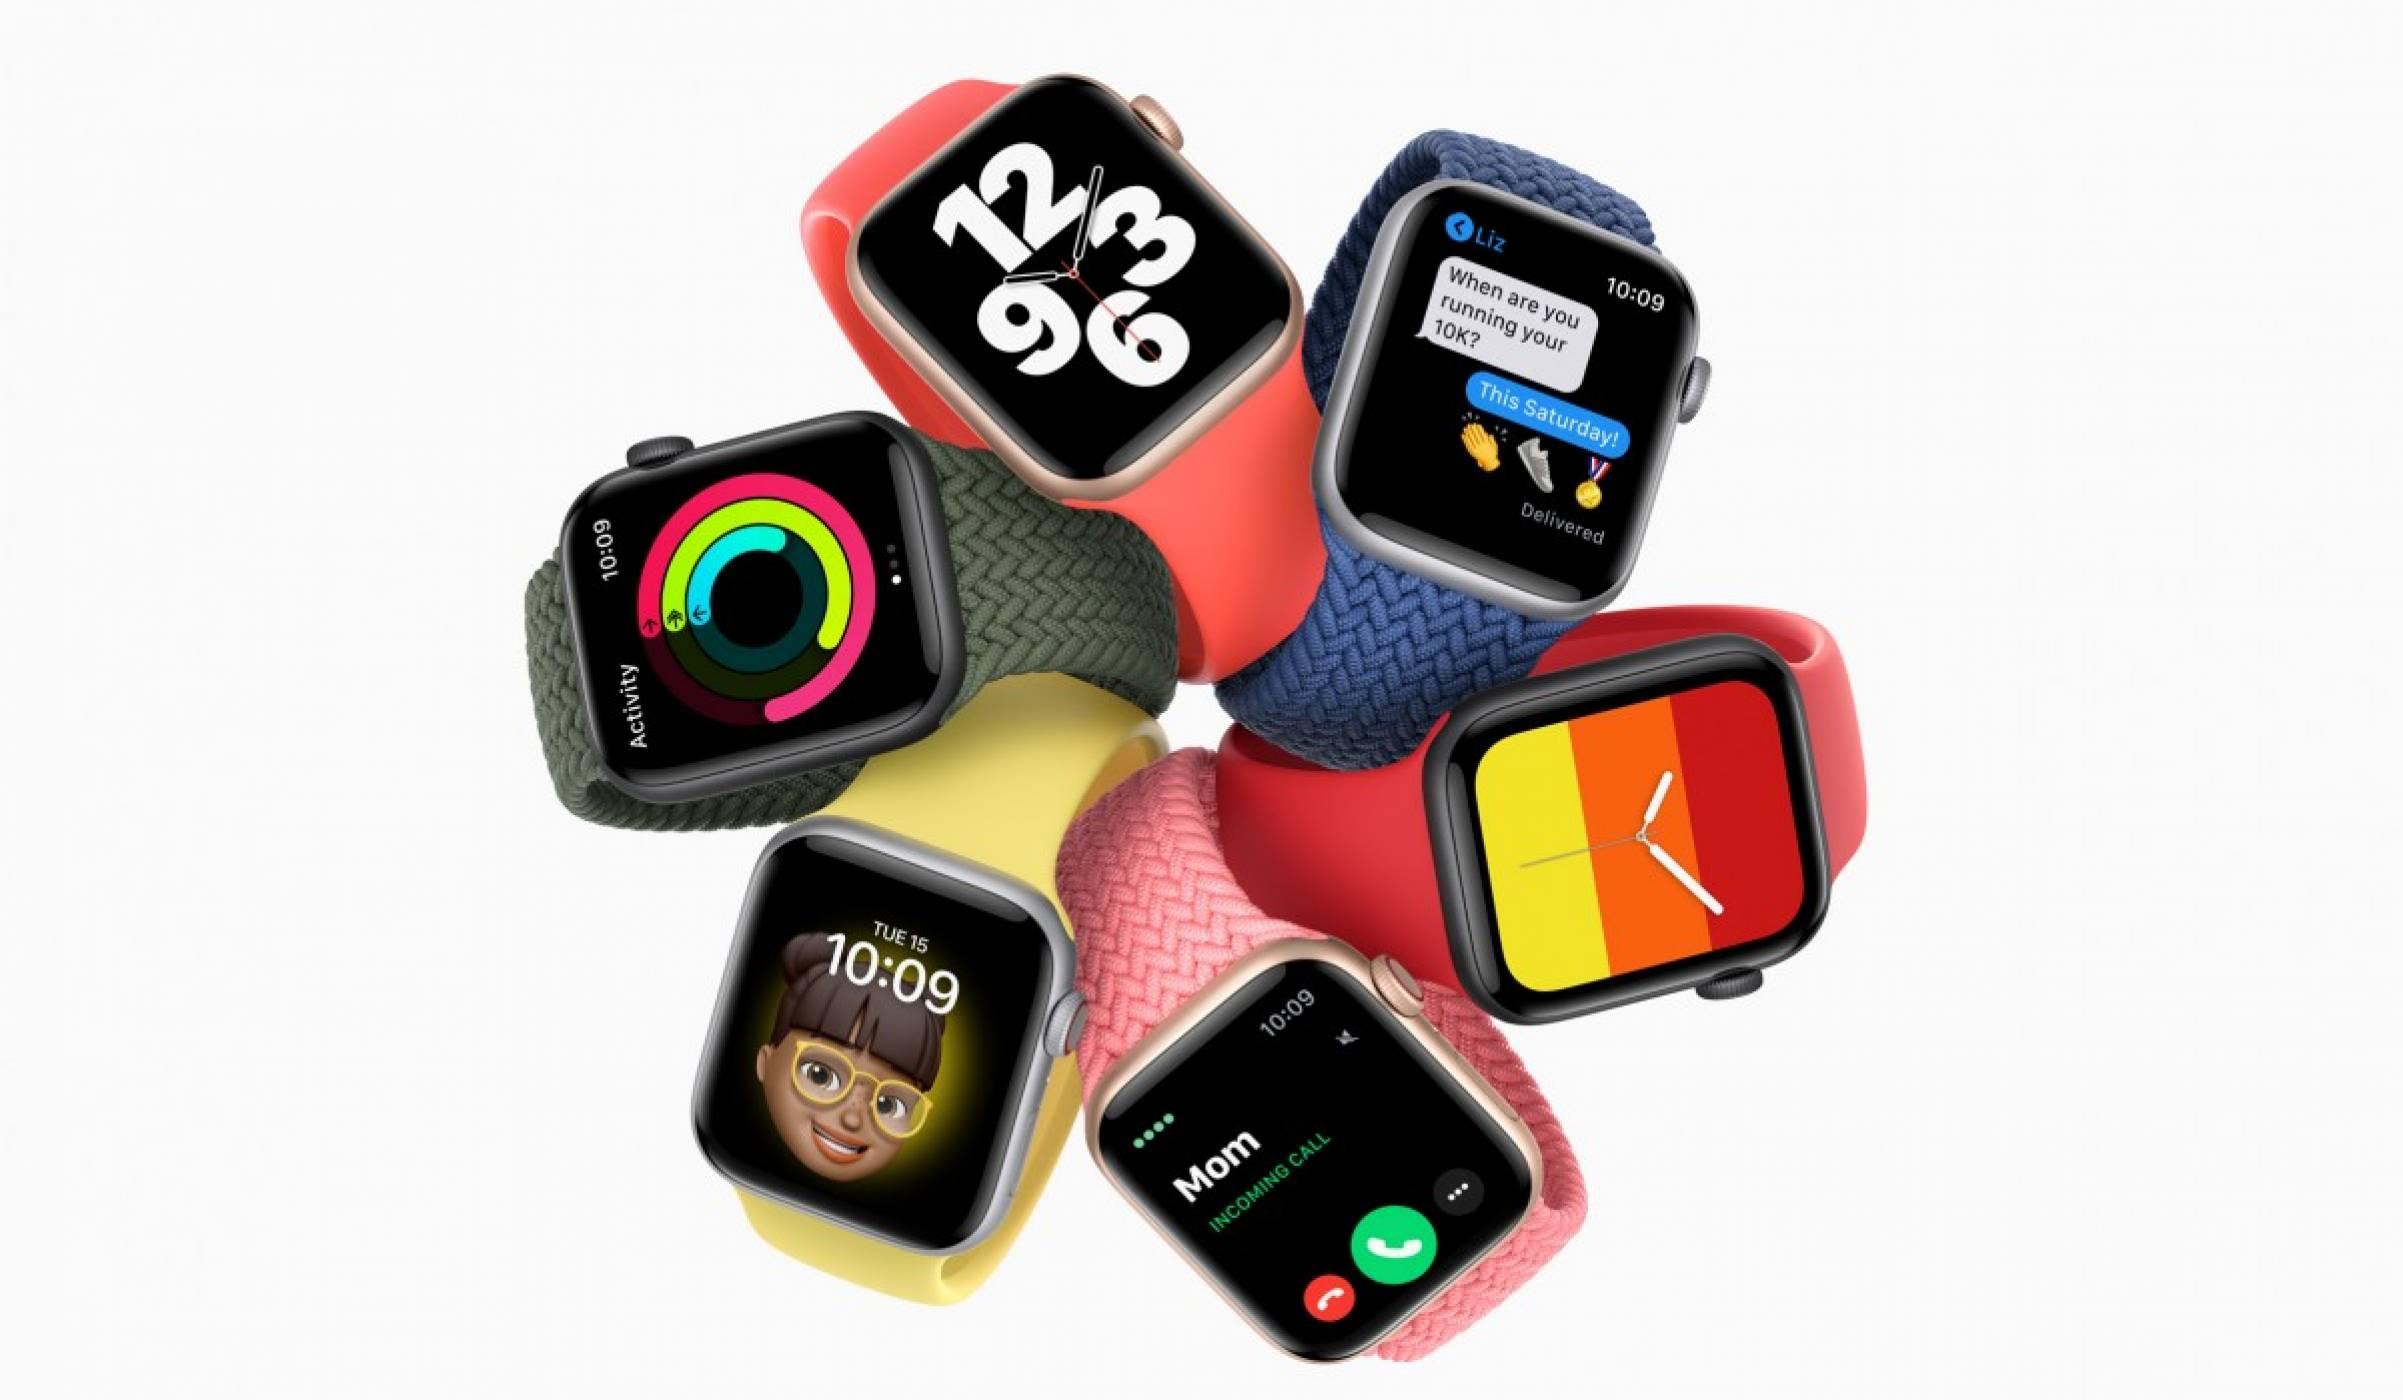 Корав Apple Watch скоро на китката на екстремните спортисти